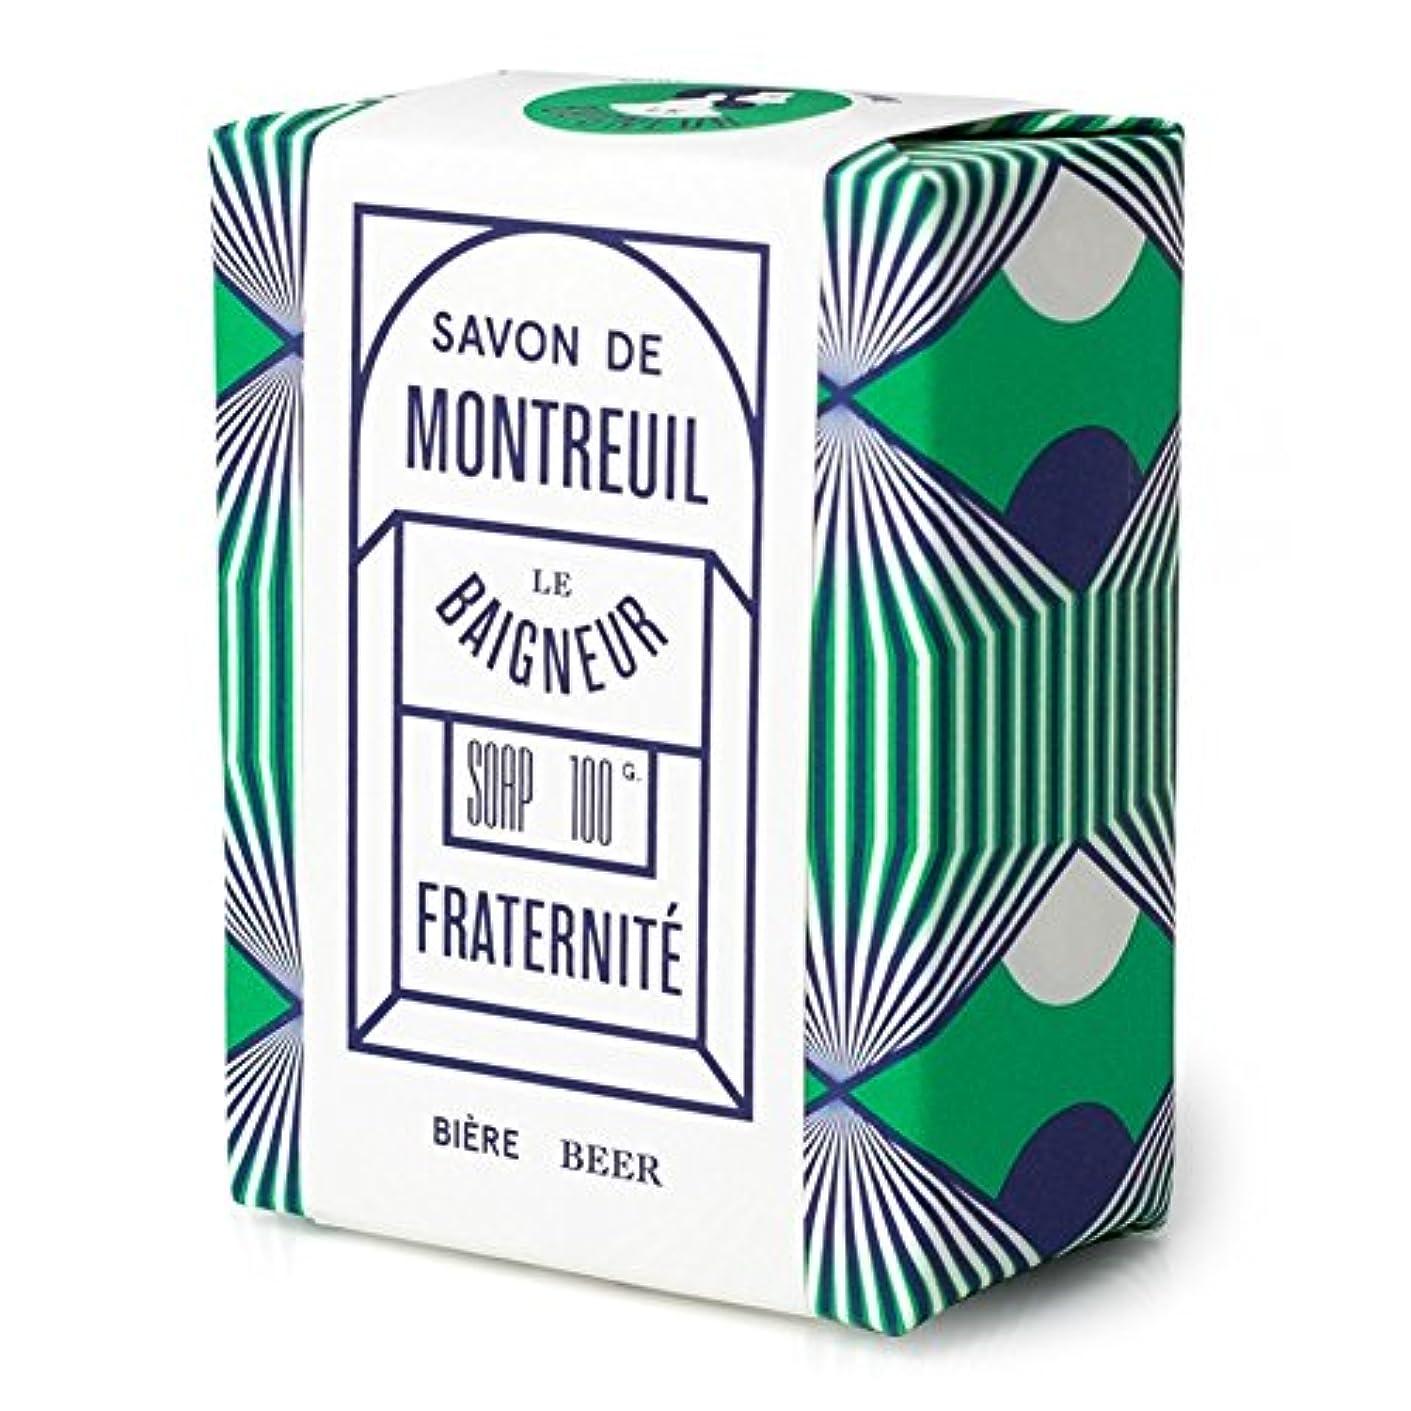 唯物論郵便番号影響ル 石鹸100グラム x2 - Le Baigneur Fraternite Soap 100g (Pack of 2) [並行輸入品]